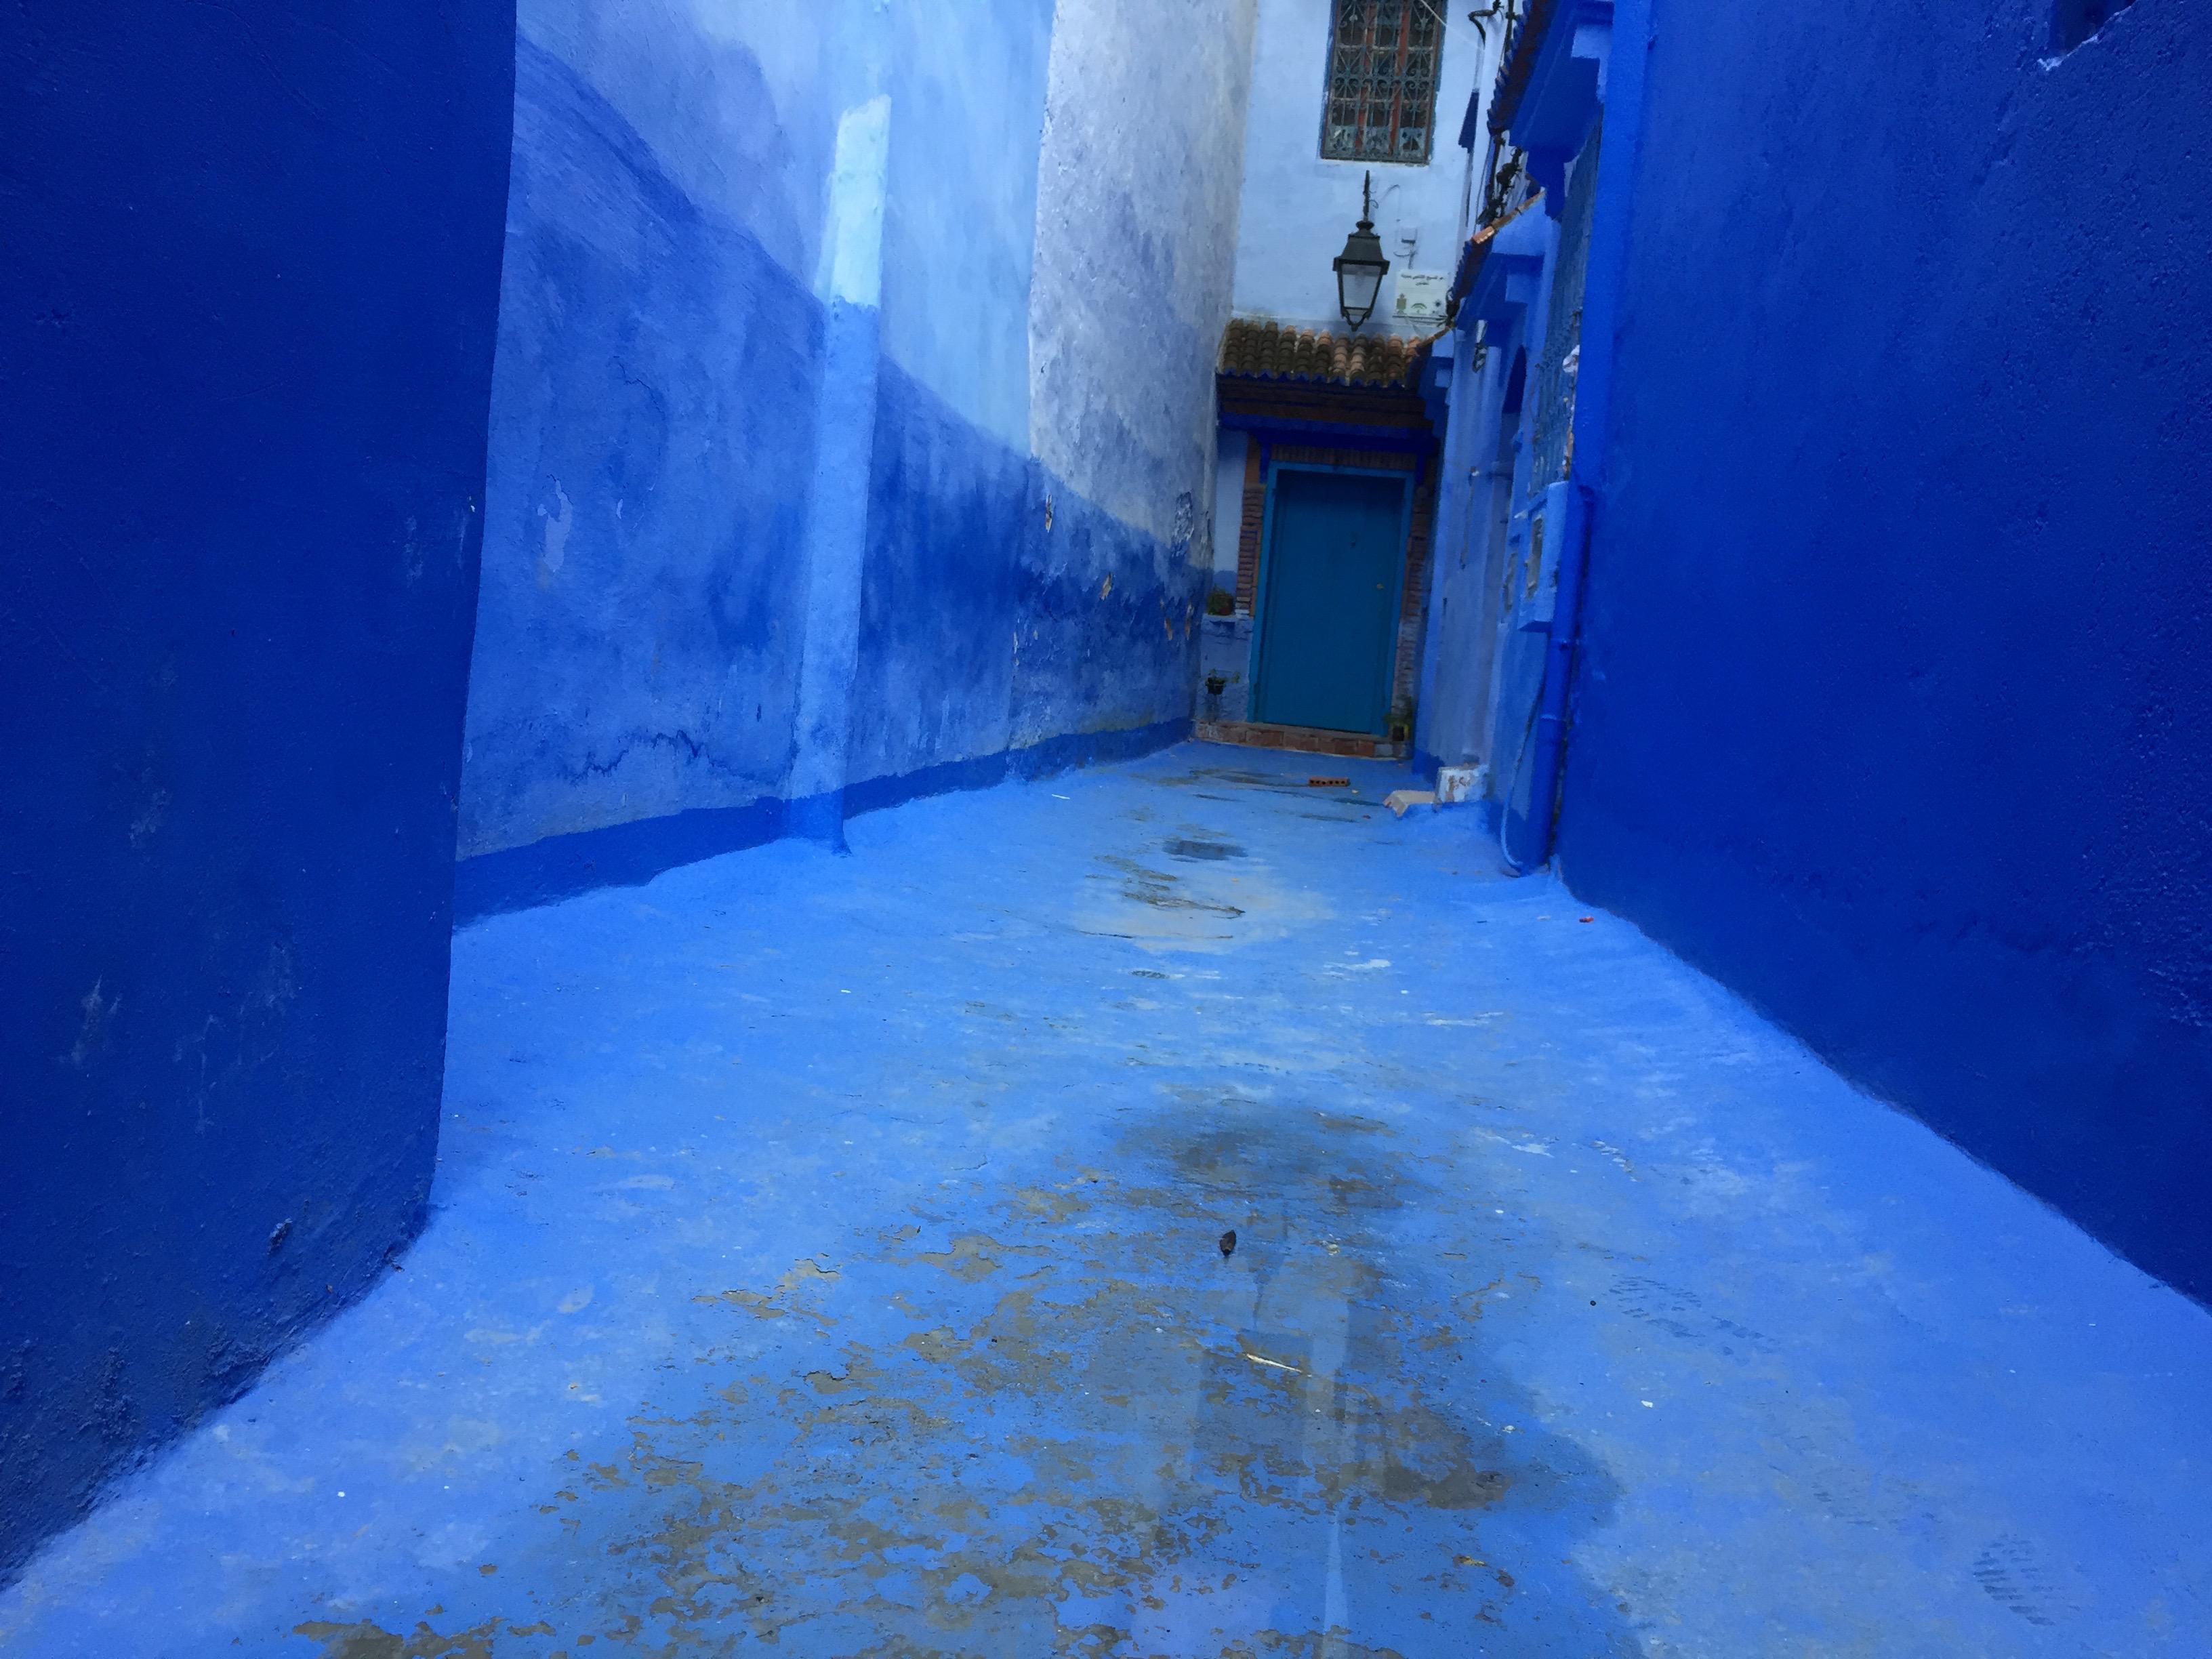 見るもの全てが青い!モロッコの秘境シャフシャウエン